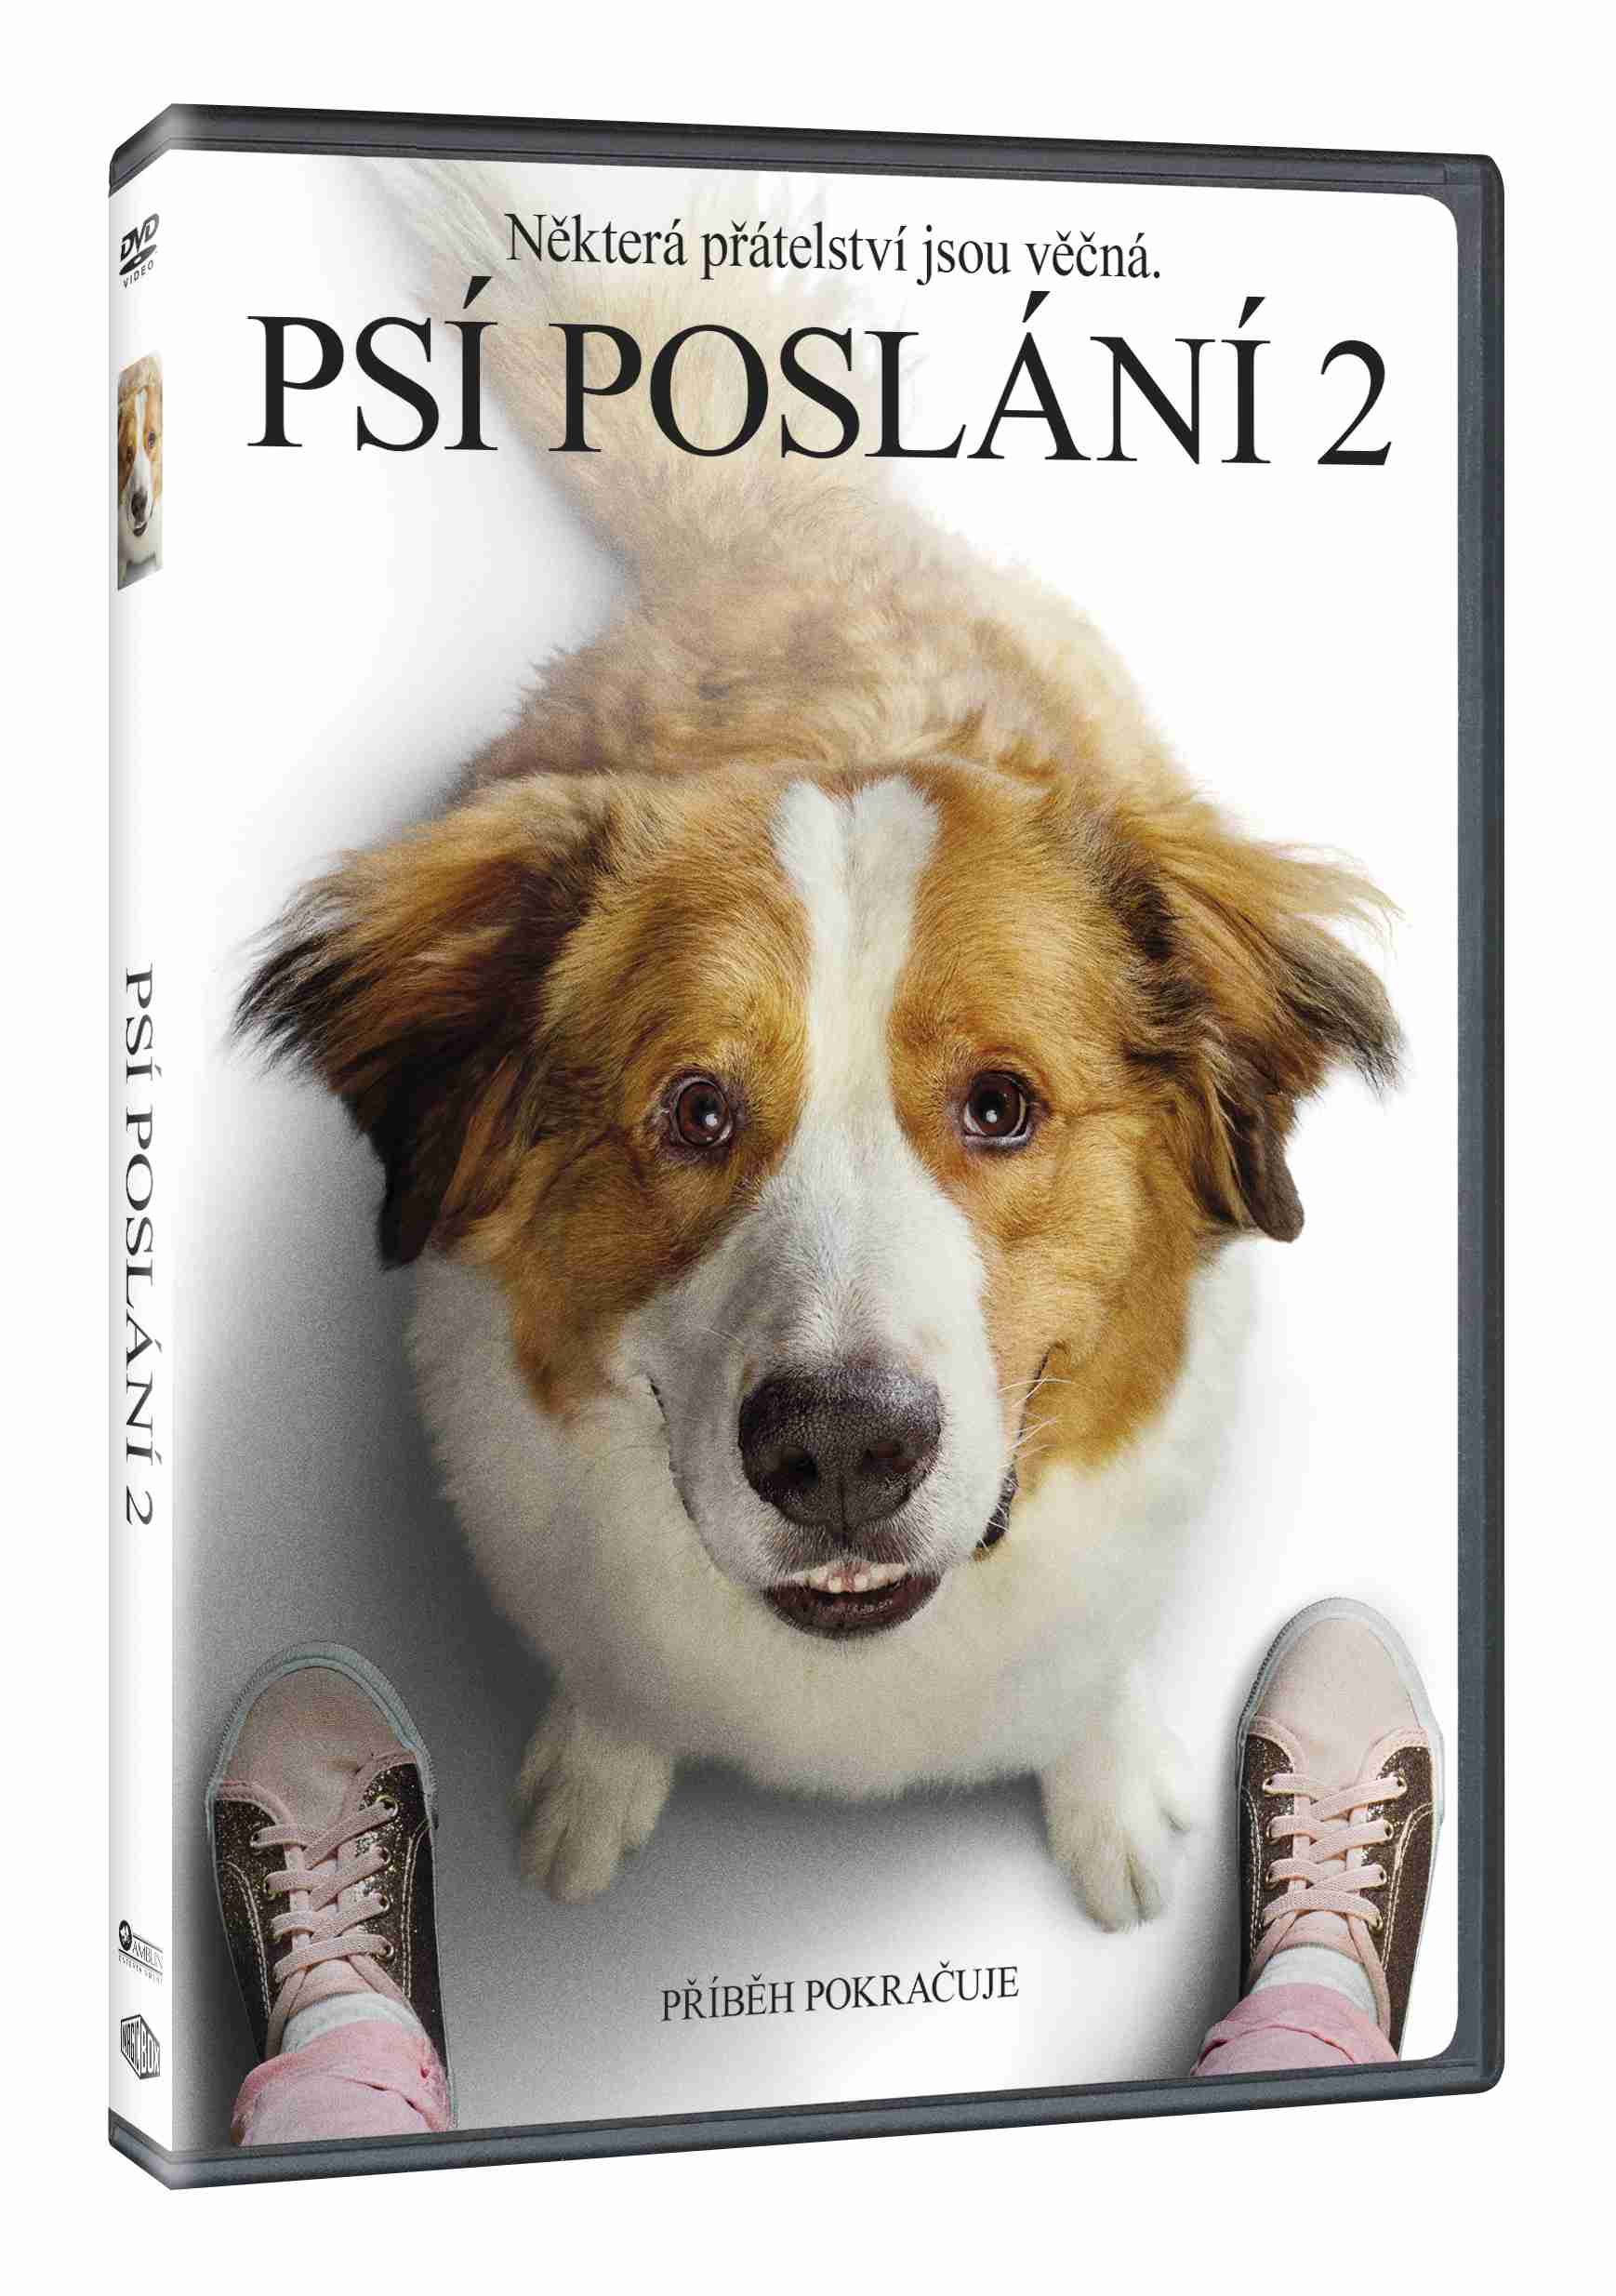 Psí poslání 2 - DVD